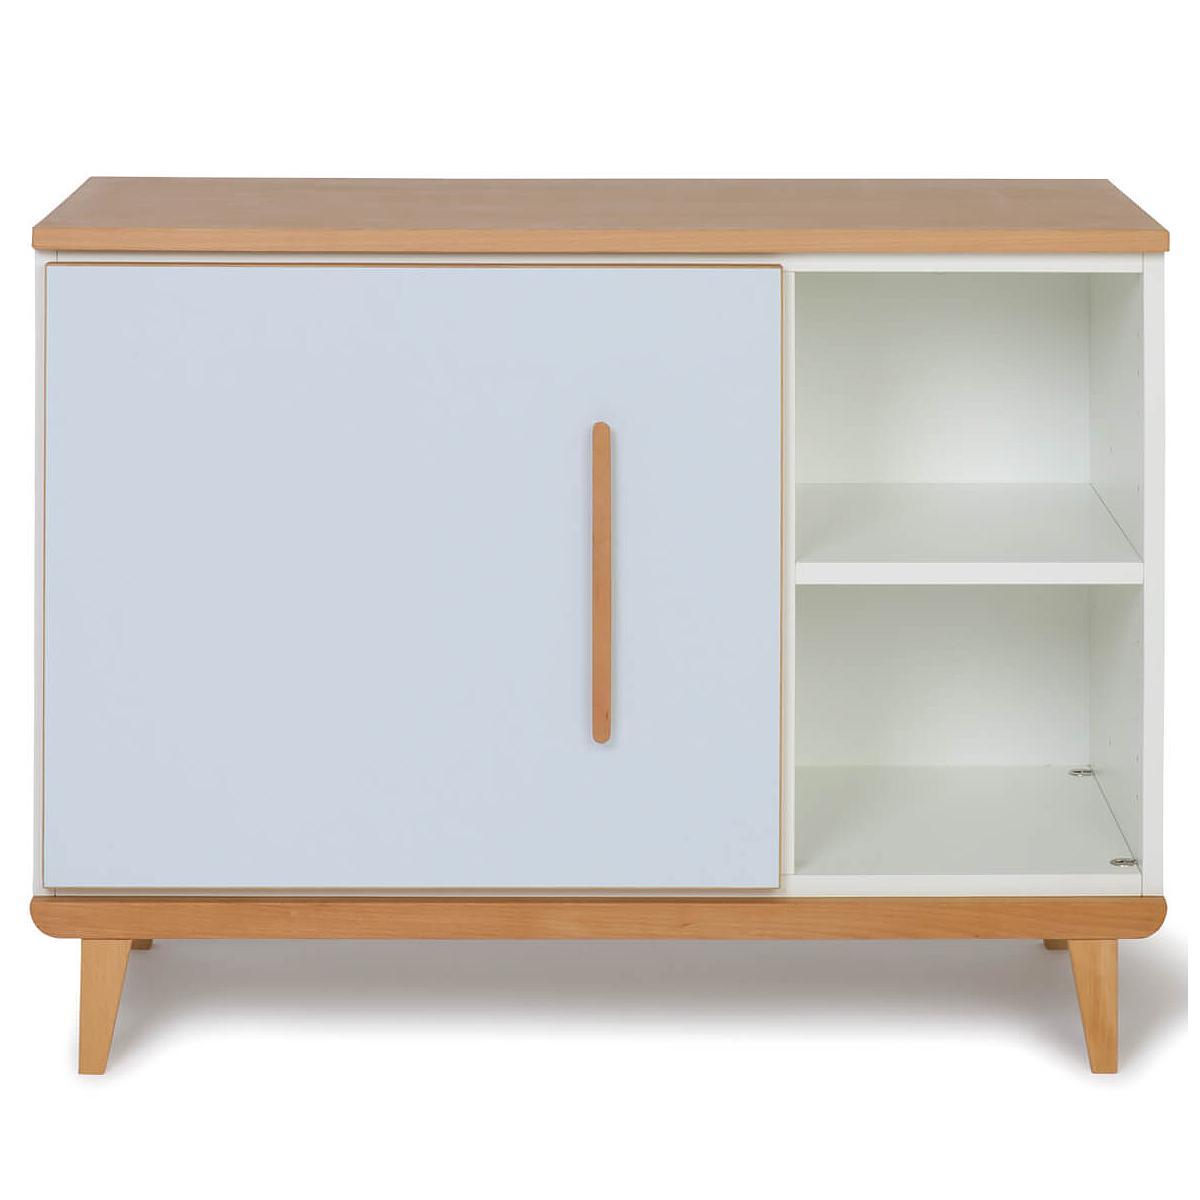 Petit meuble 1 porte NADO sky blue